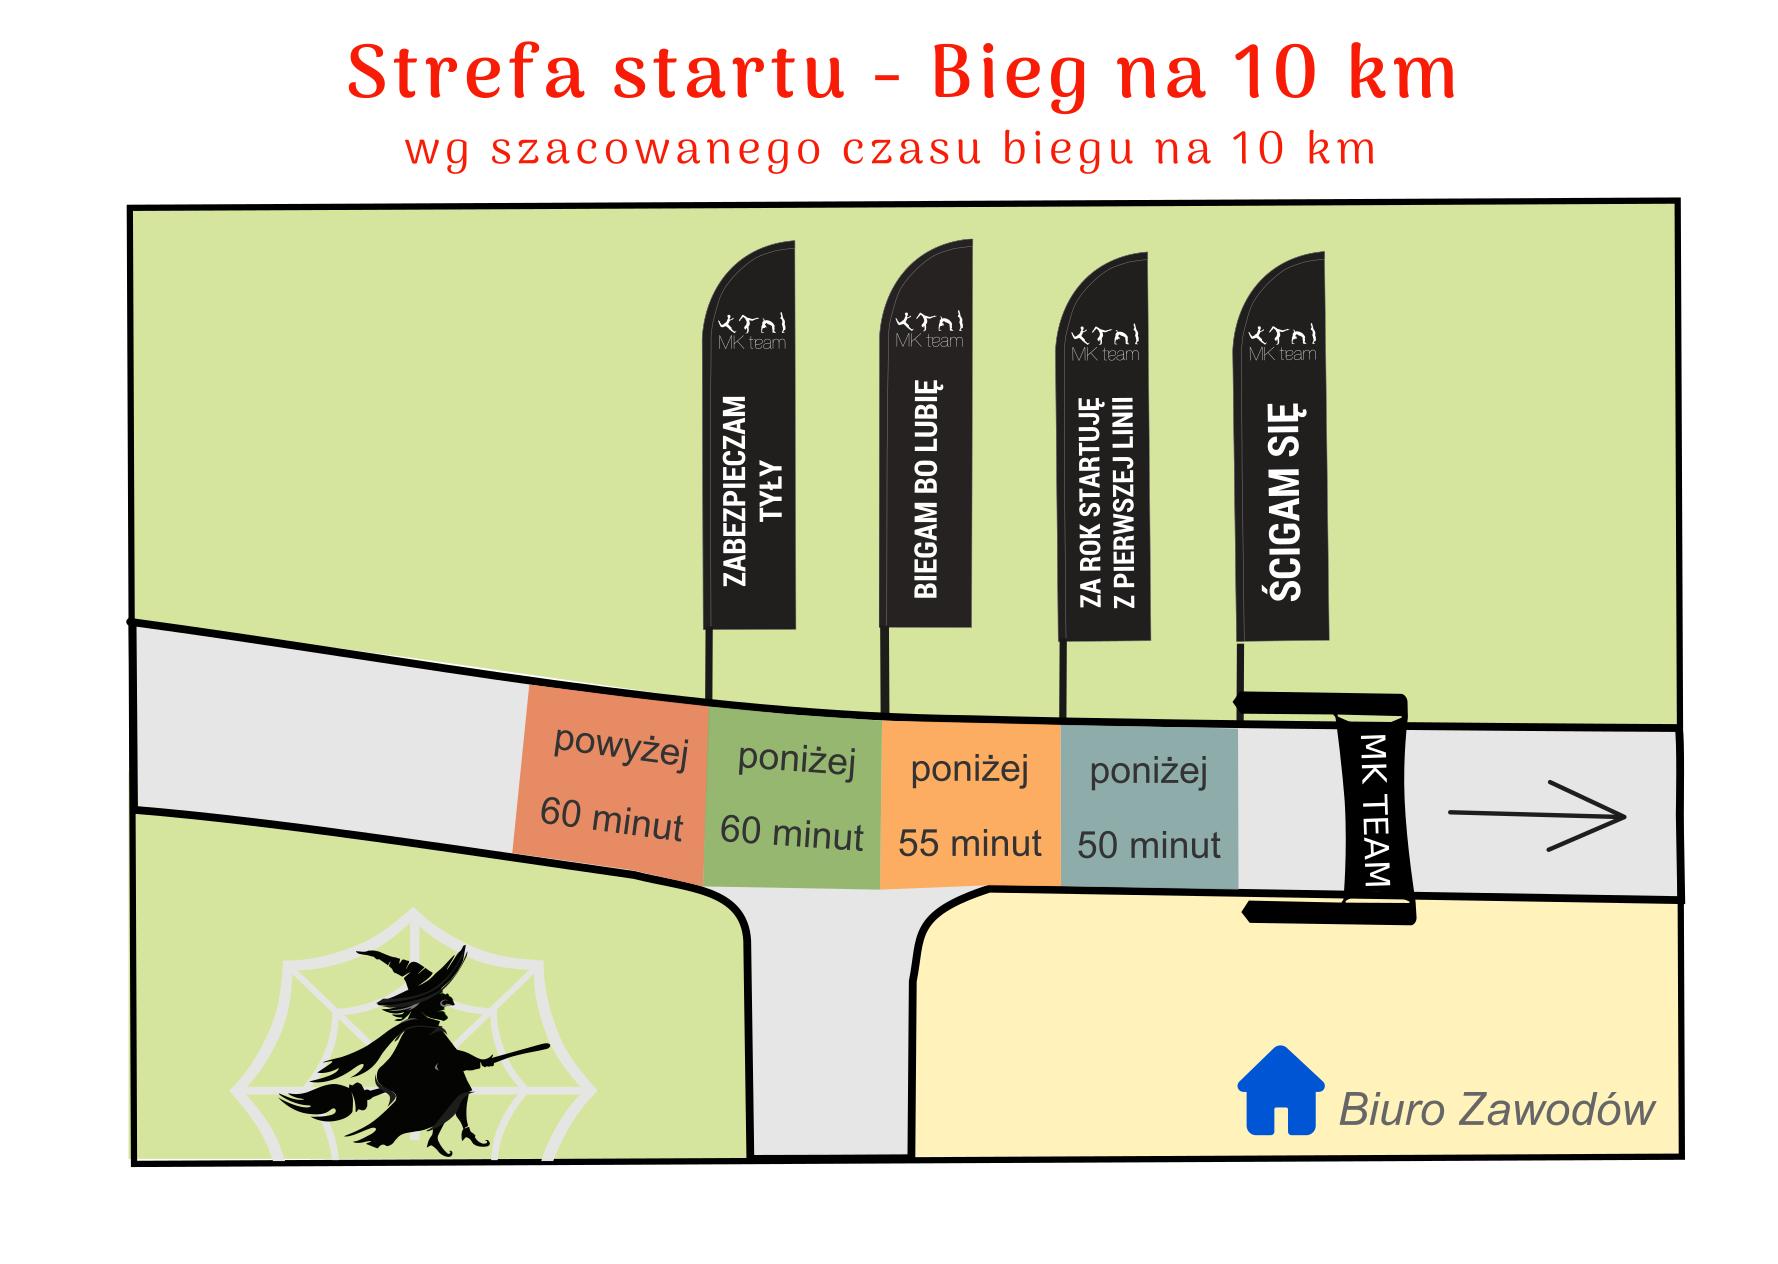 Strefa startowa 10 km